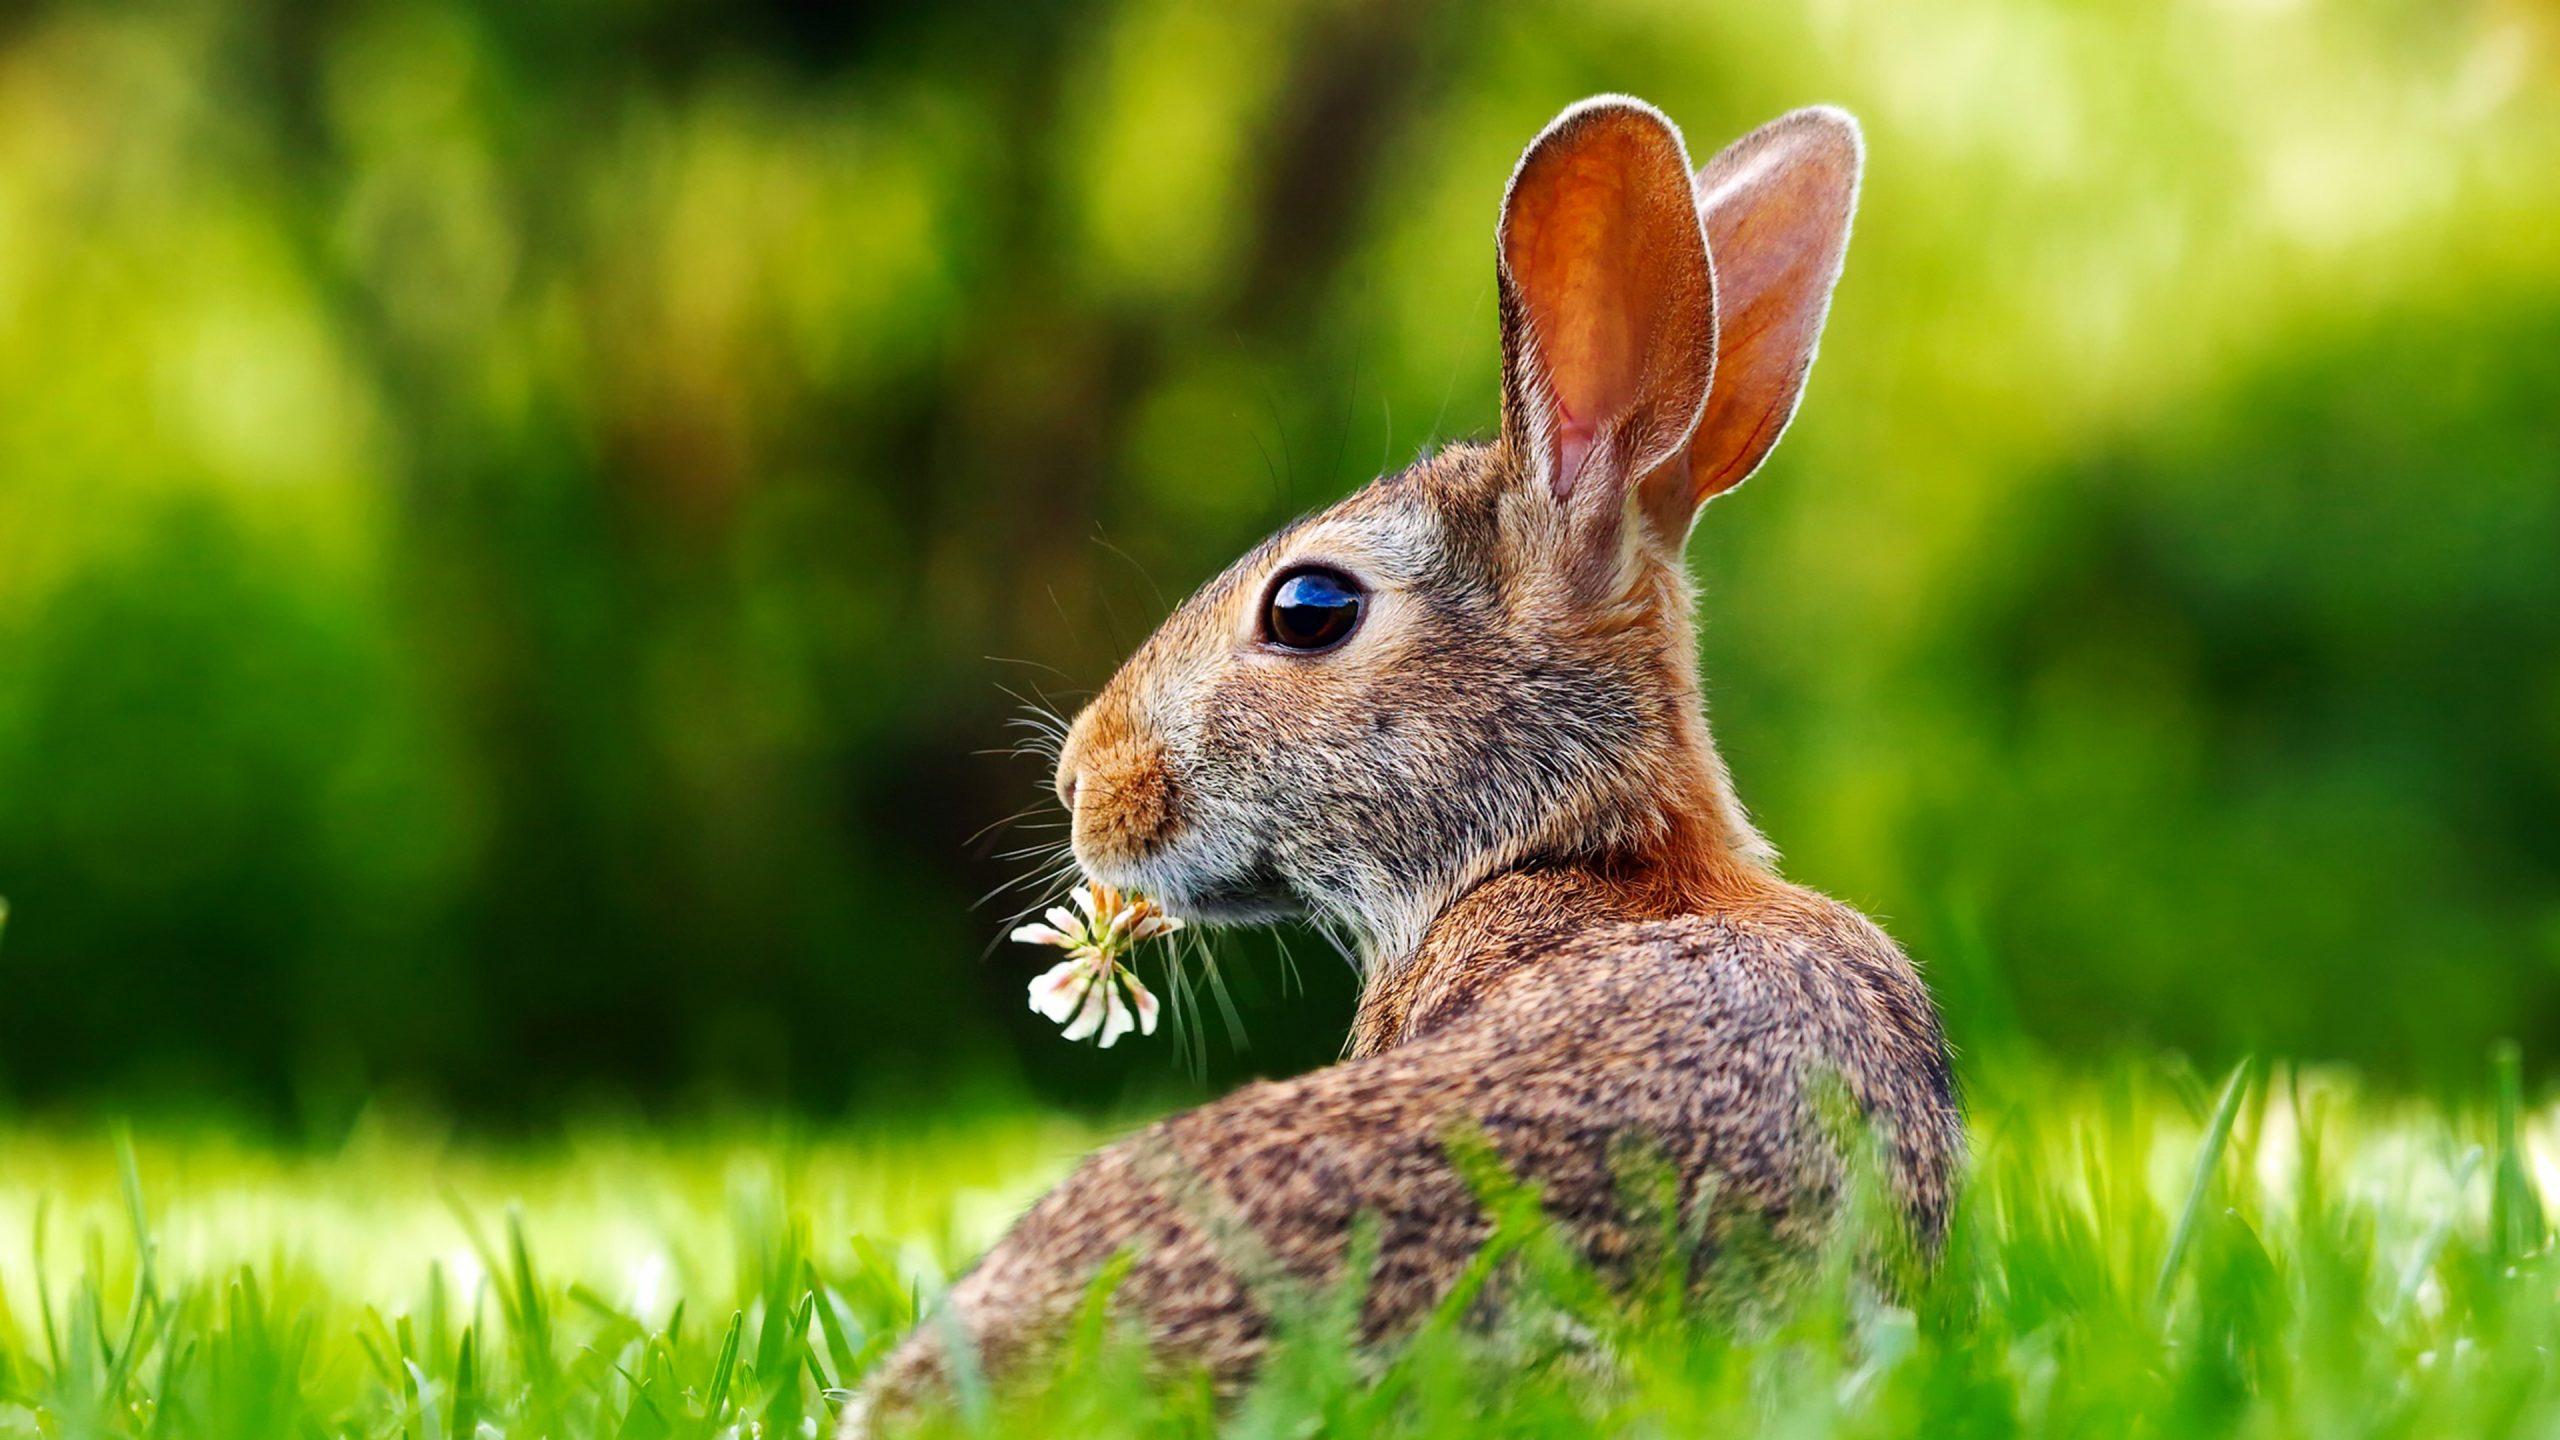 4K Rabbit Desktop Wallpaper